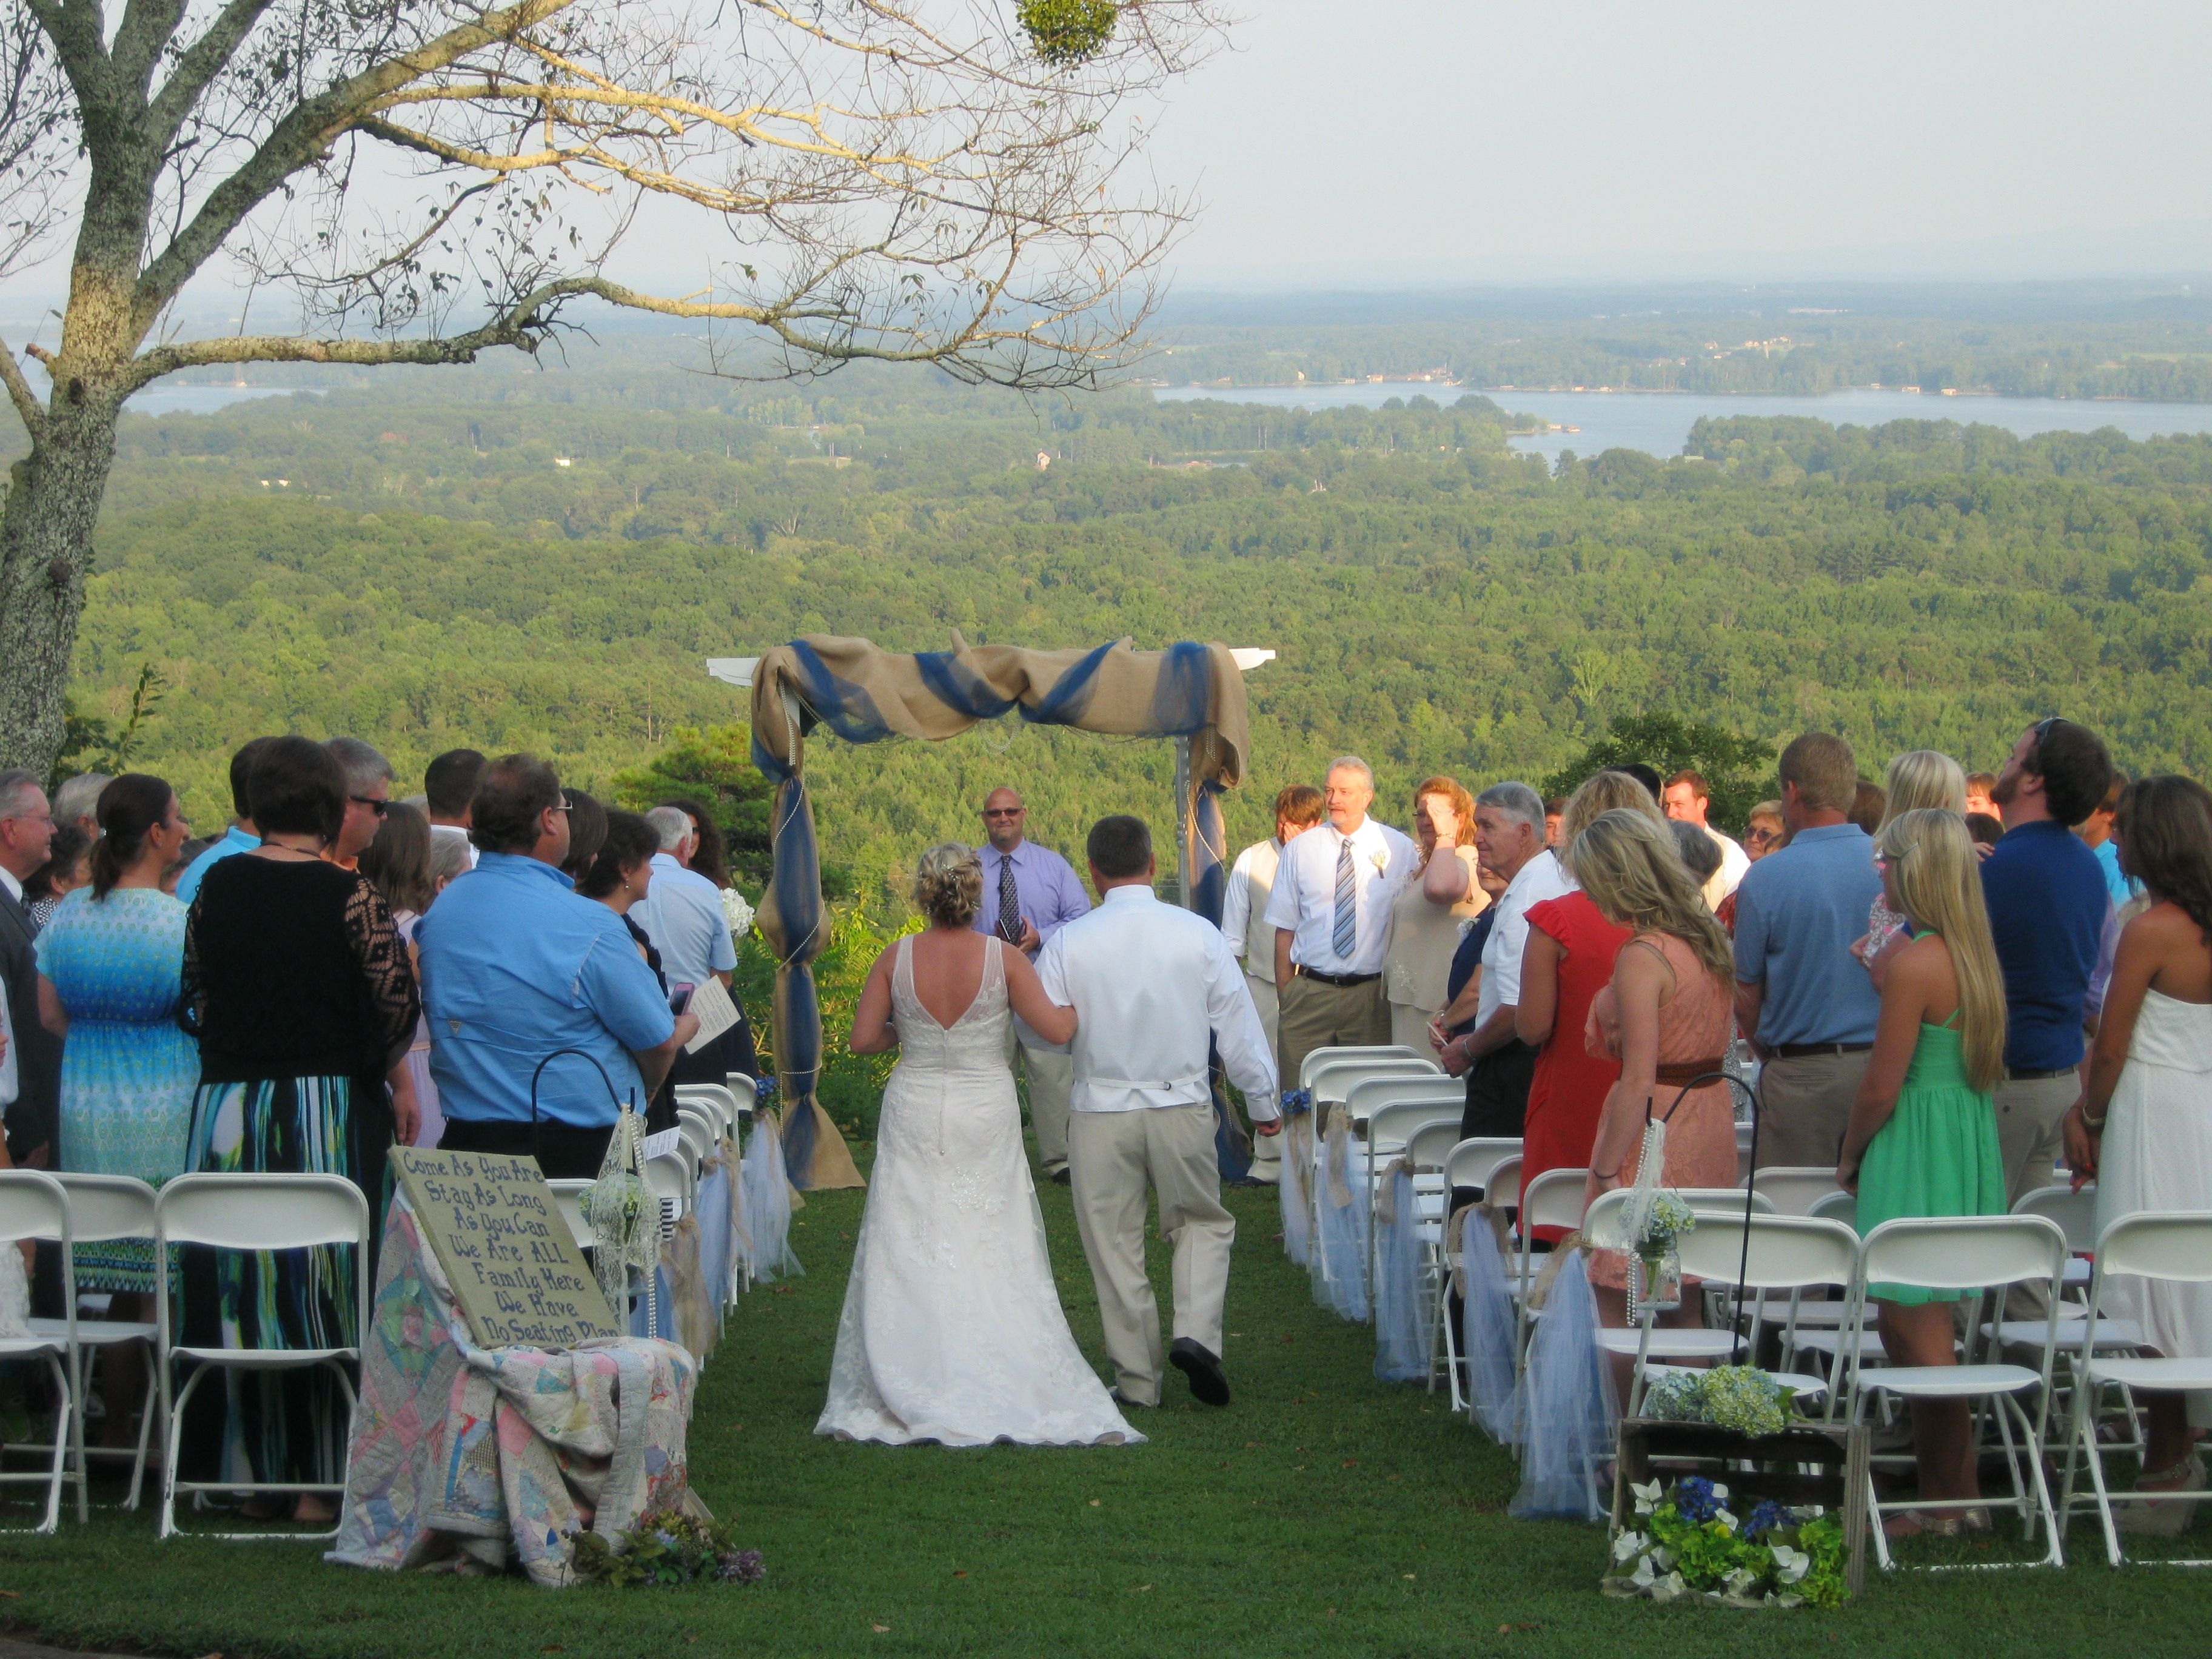 Wedding at The Secret B&B in Leesburg AL overlooking lake